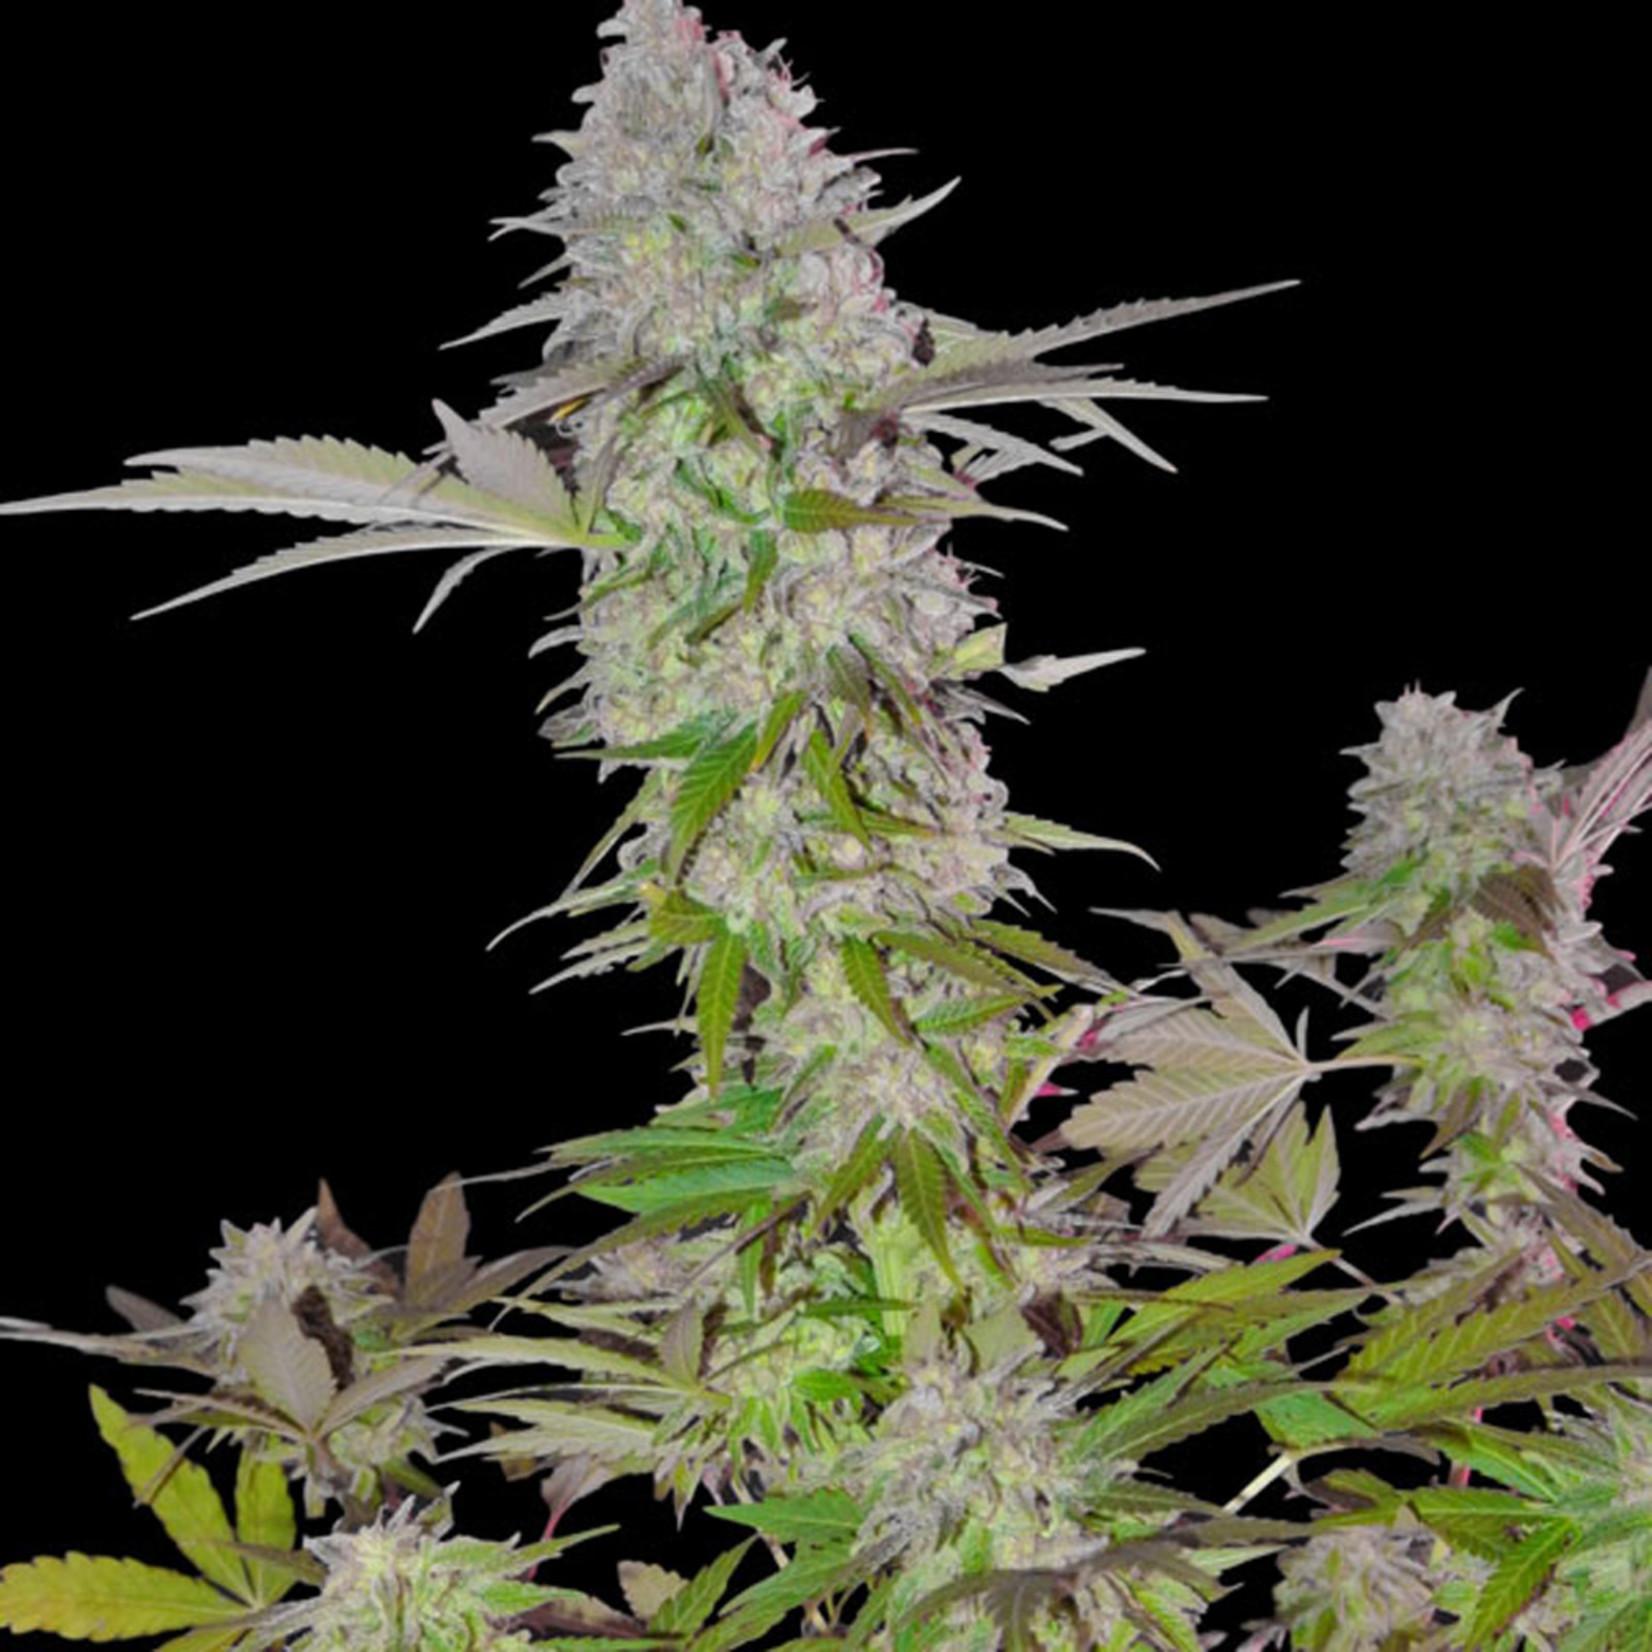 Sweet Harlem Diesel cannabis seeds